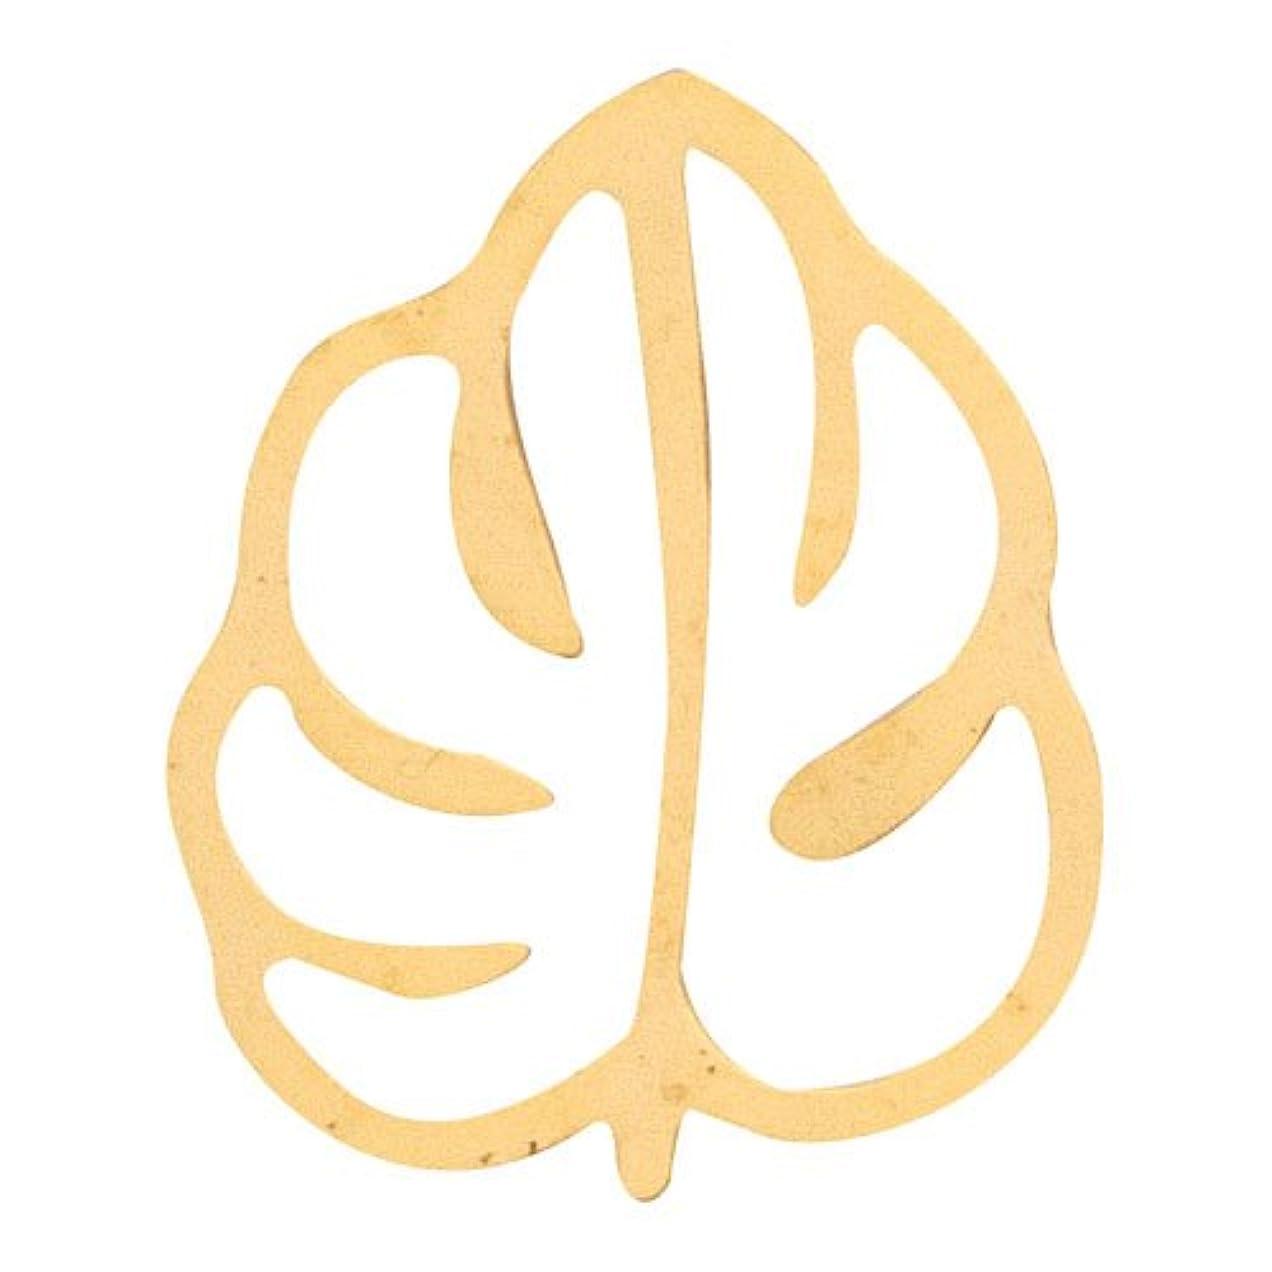 コカインクルーズ研究リトルプリティー ネイルアートパーツ モンステラ2 M ゴールド 10個